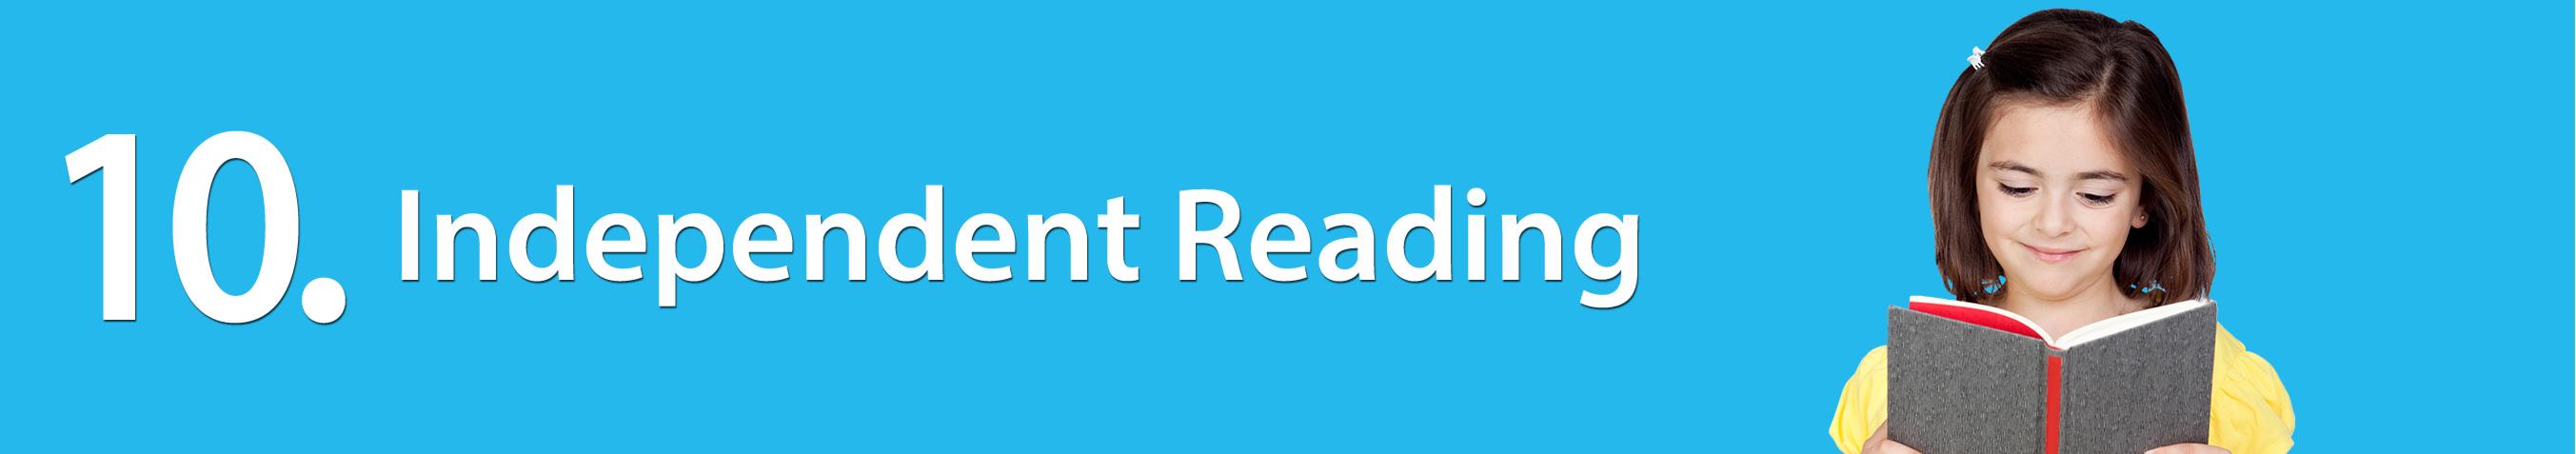 Milestone 10: Independent Reading